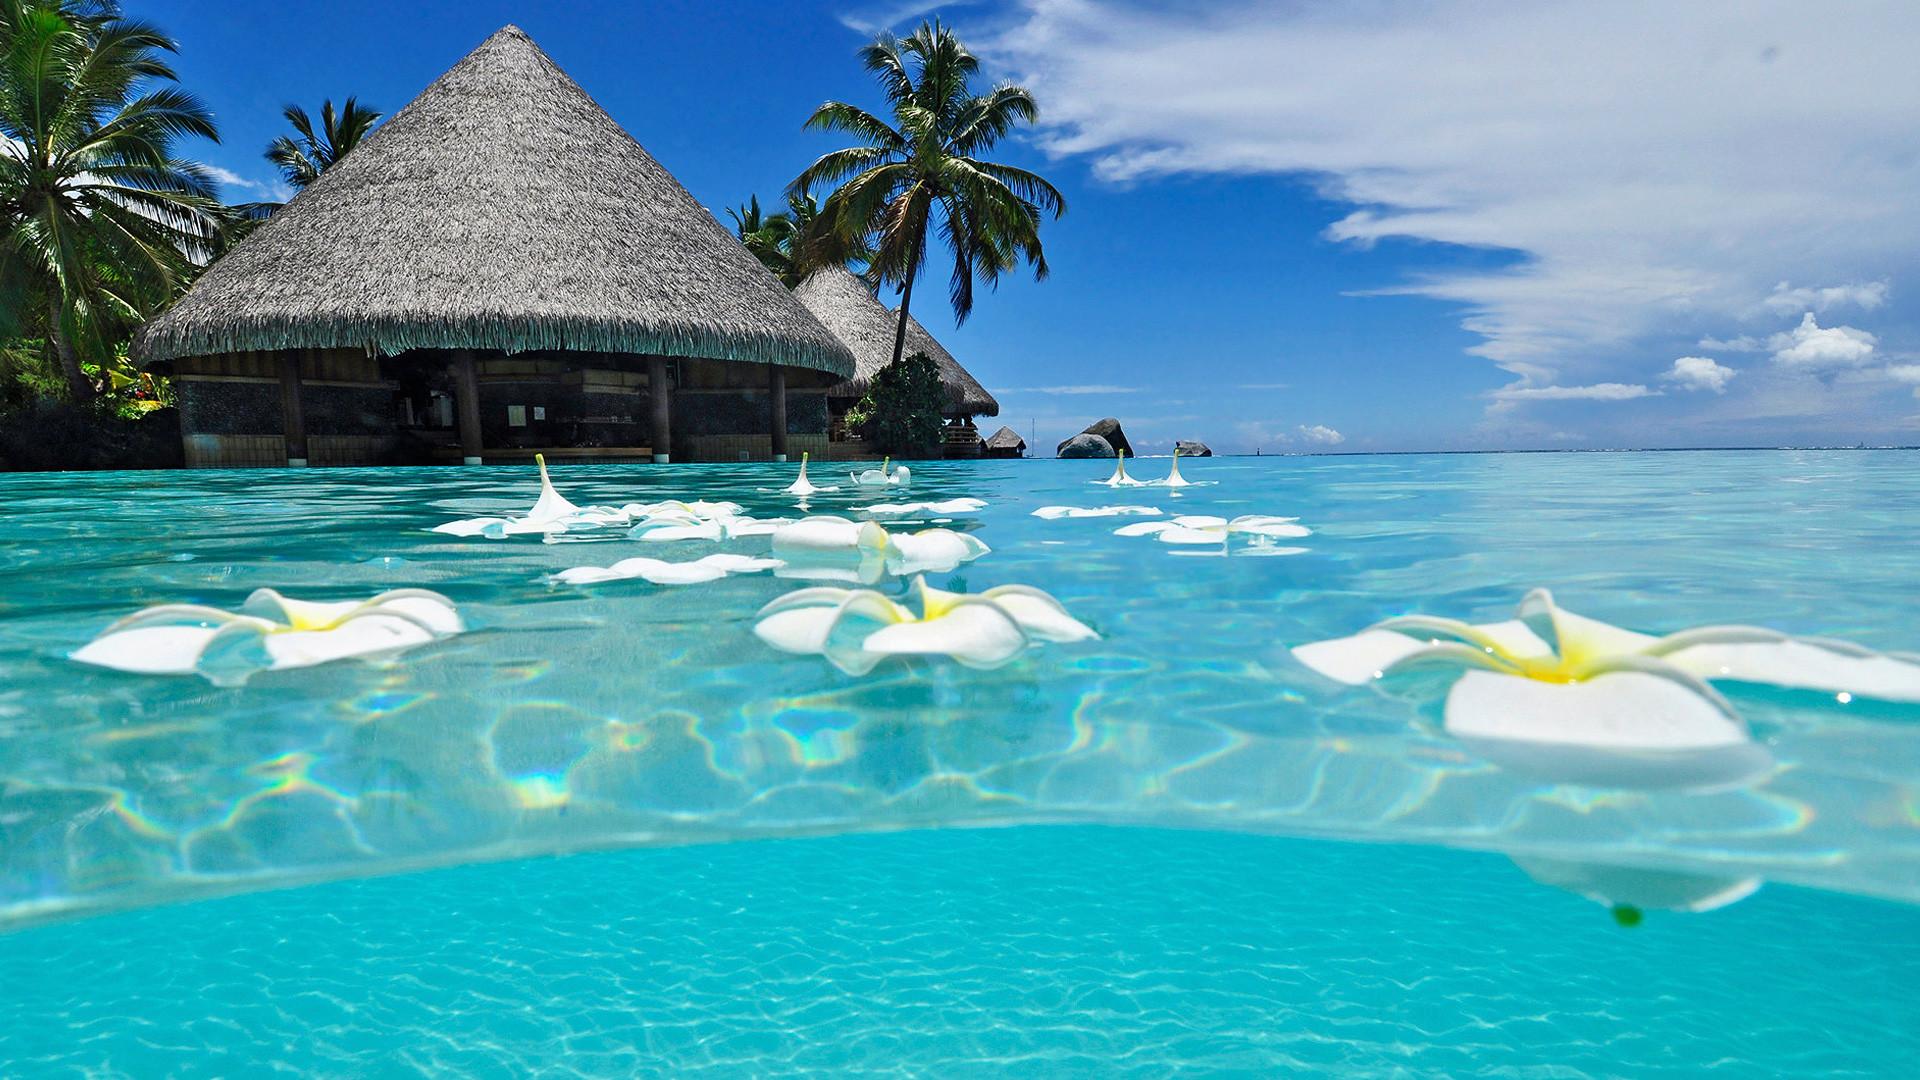 Nước biển trong xanh tại một resort